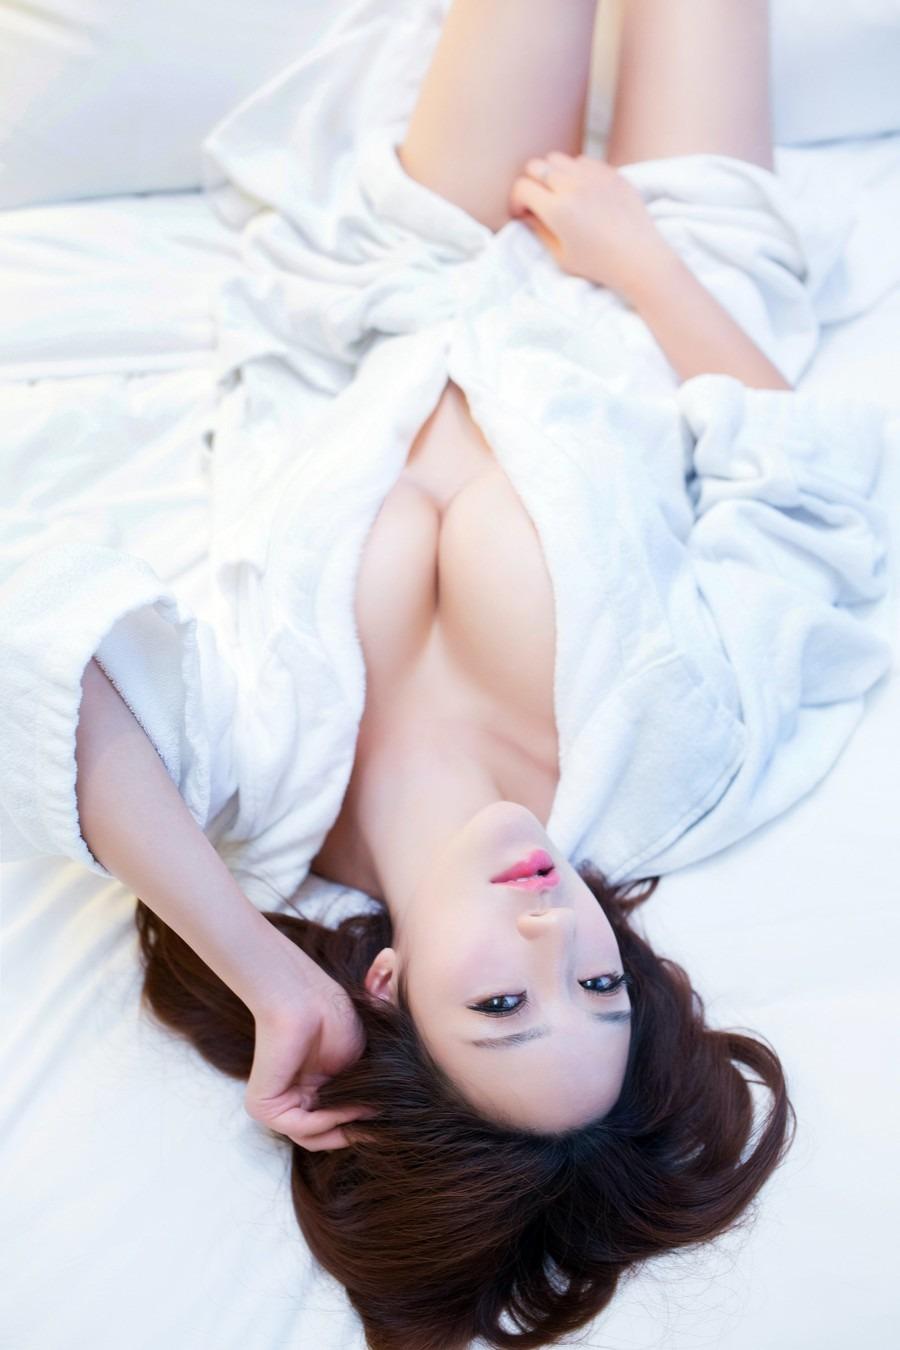 网页游戏美女 美女玩家 37wan网页游戏